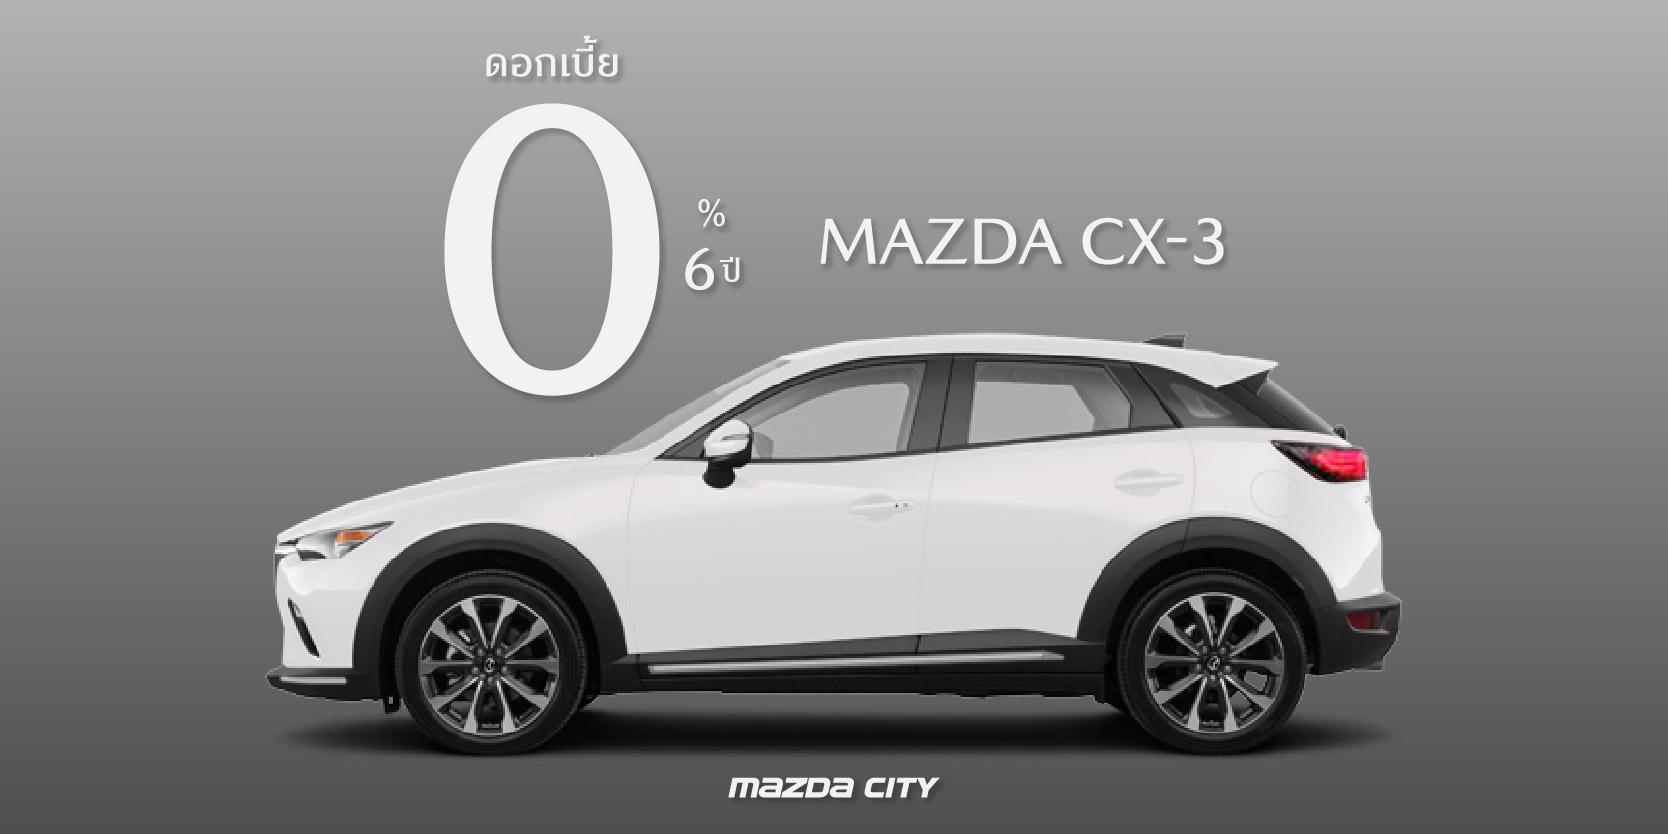 โปรโมชั่น New Mazda CX-3 ดอกเบี้ย 0% นาน 6 ปี ดอกเบี้ย 0% นาน 6 ปี และ ฟรี ประกันภัยชั้นหนึ่ง Mazda Premium Insurance 1 ปี